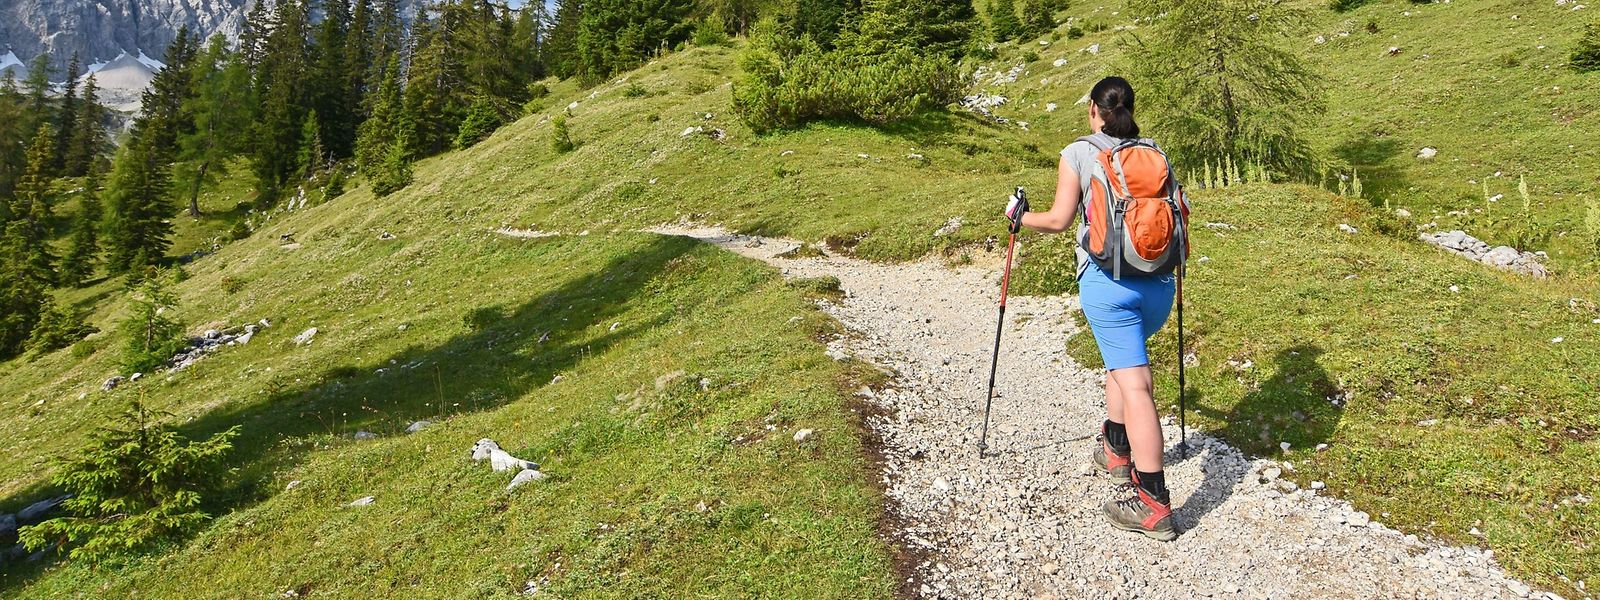 In den vergangenen Jahren wuchs die Anzahl der Tirol-Besucher stetig. Laut dem zuständigen Landesamt für Statistik wurden 2019 rund 49,6 Millionen Hotelübernachtungen gezählt.